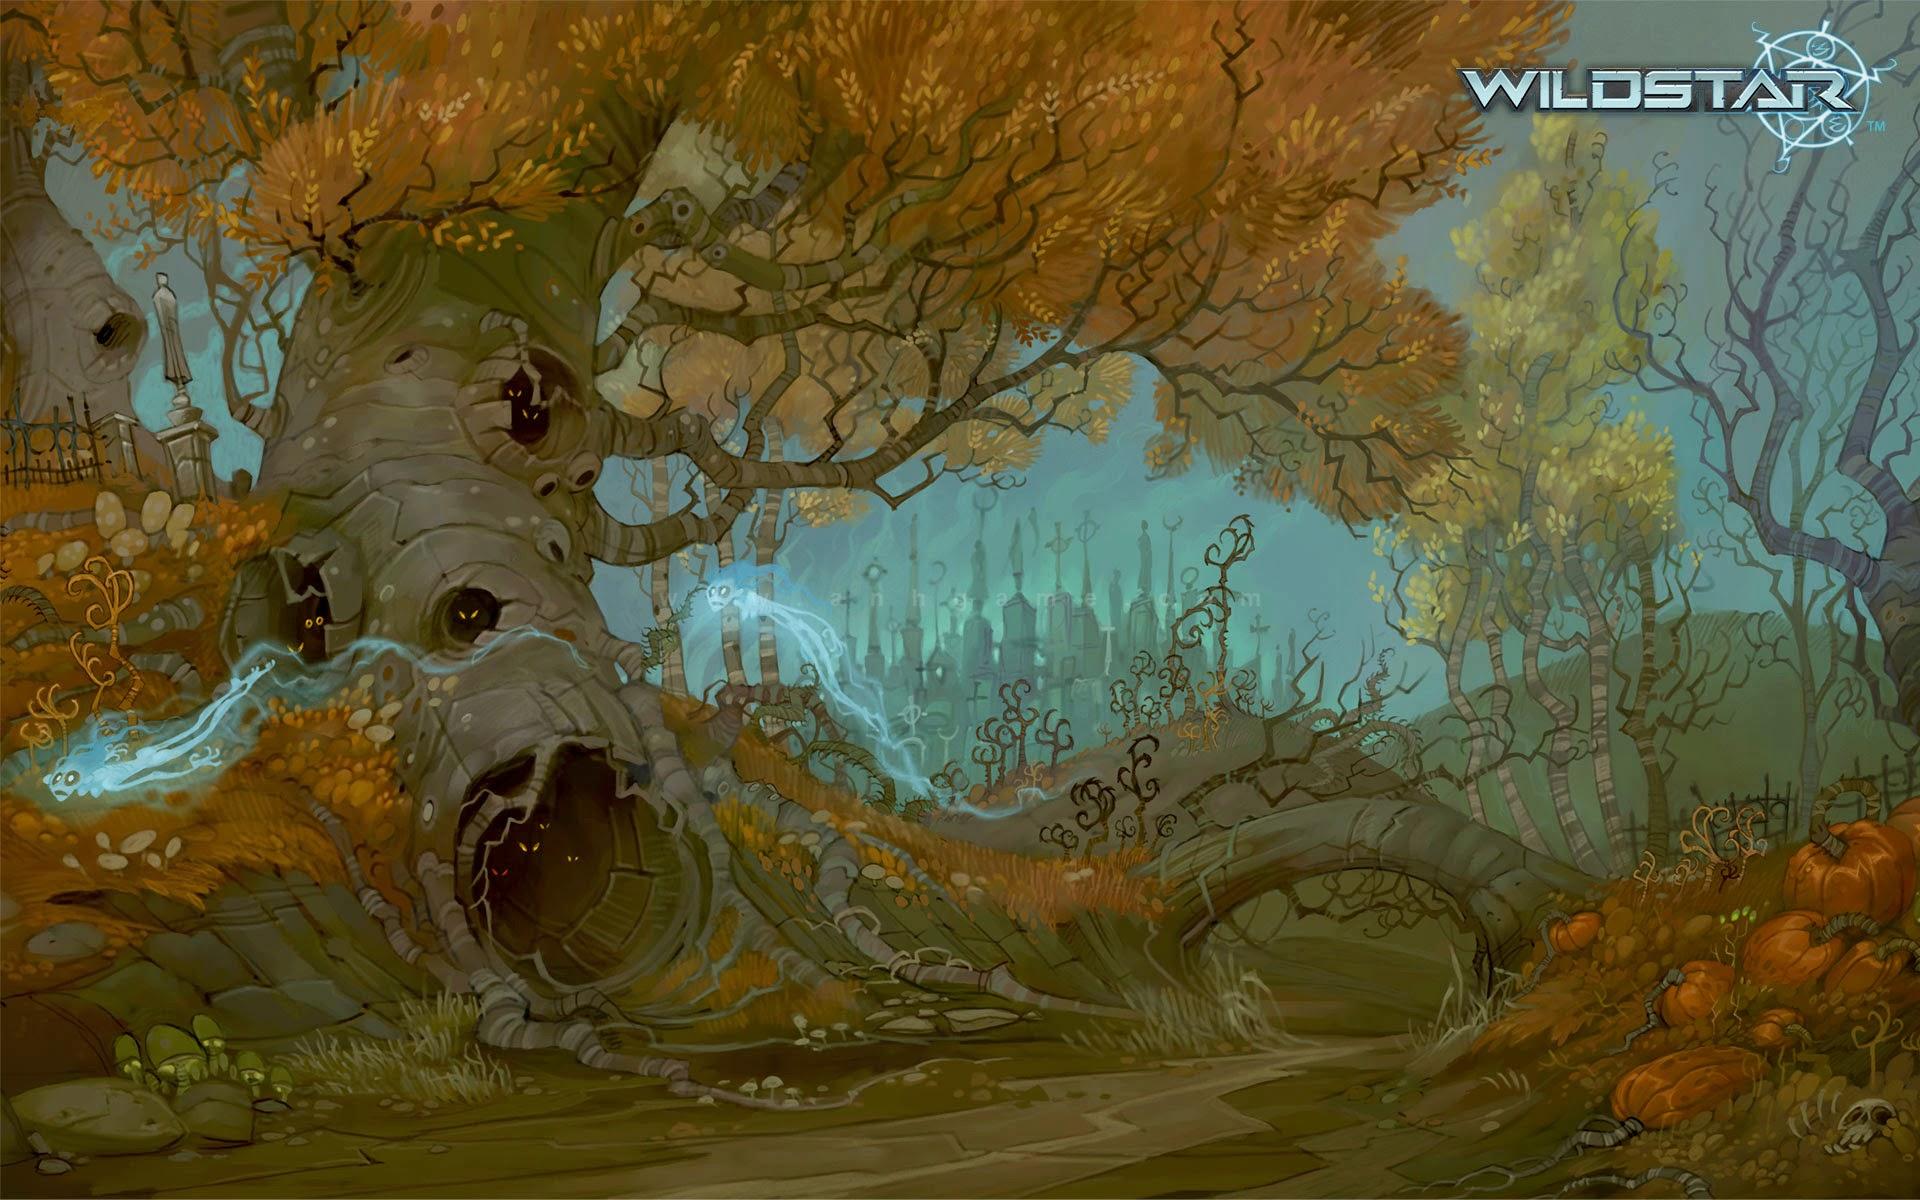 Loạt hình nền đẹp mắt của MMORPG Wild Star - Ảnh 10